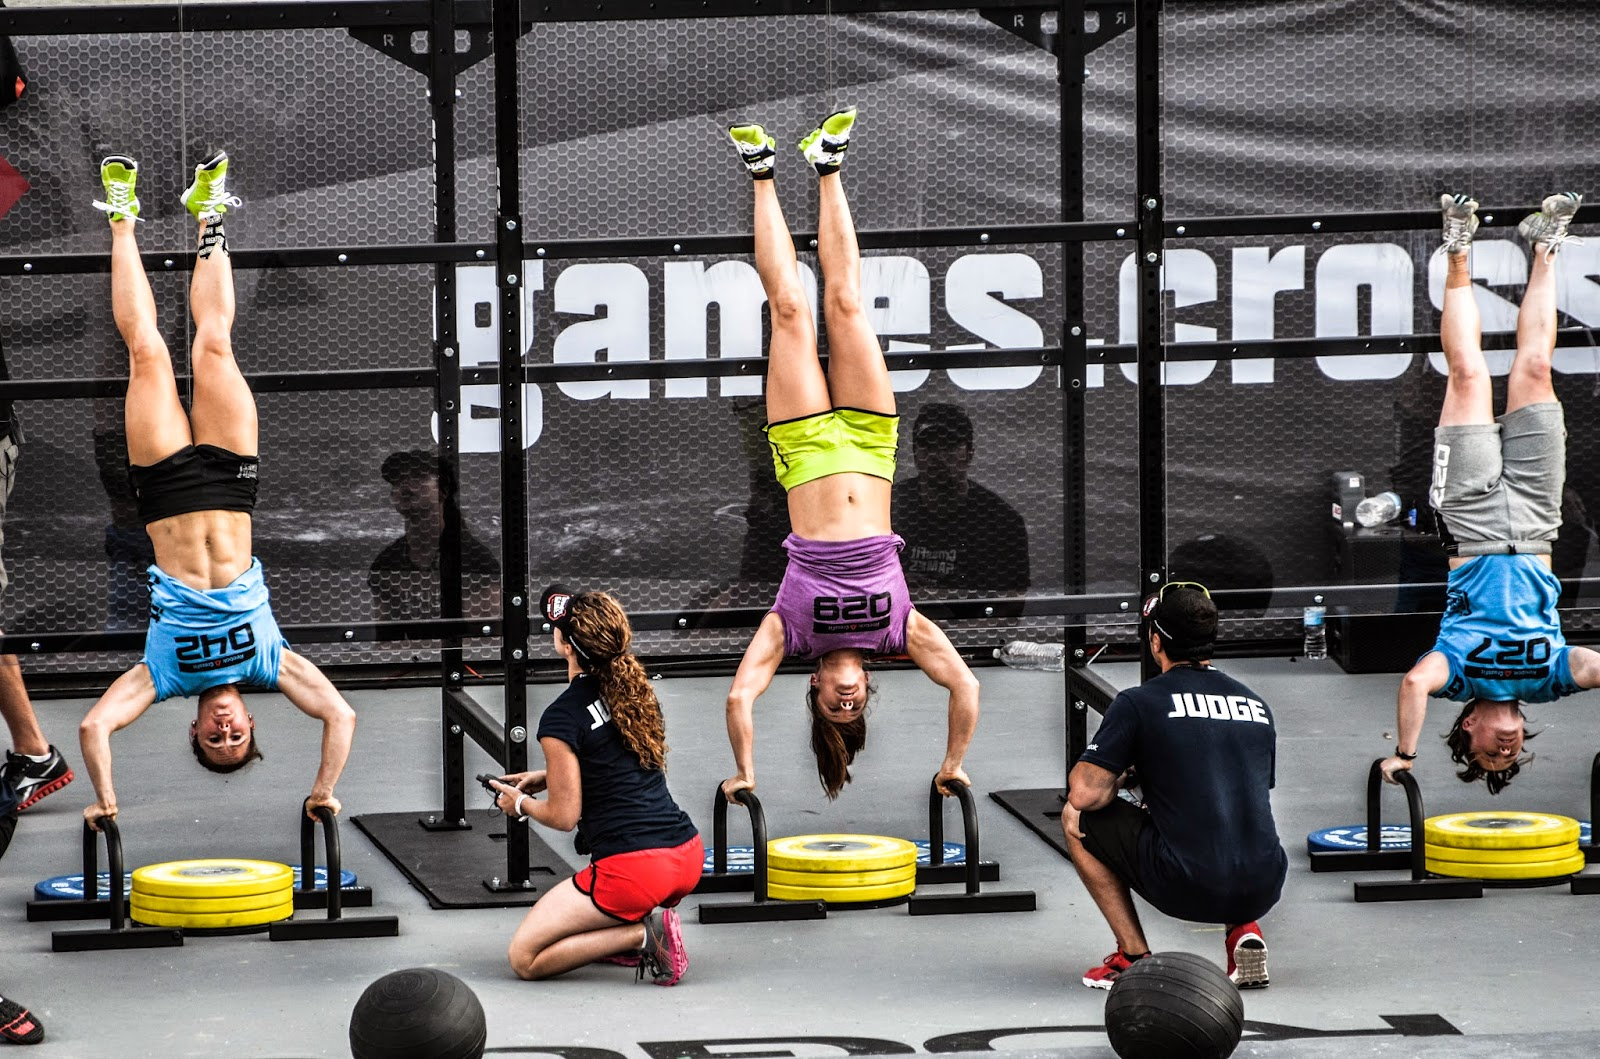 Salud y deporte posadas agosto 2014 for Gimnasio kronos